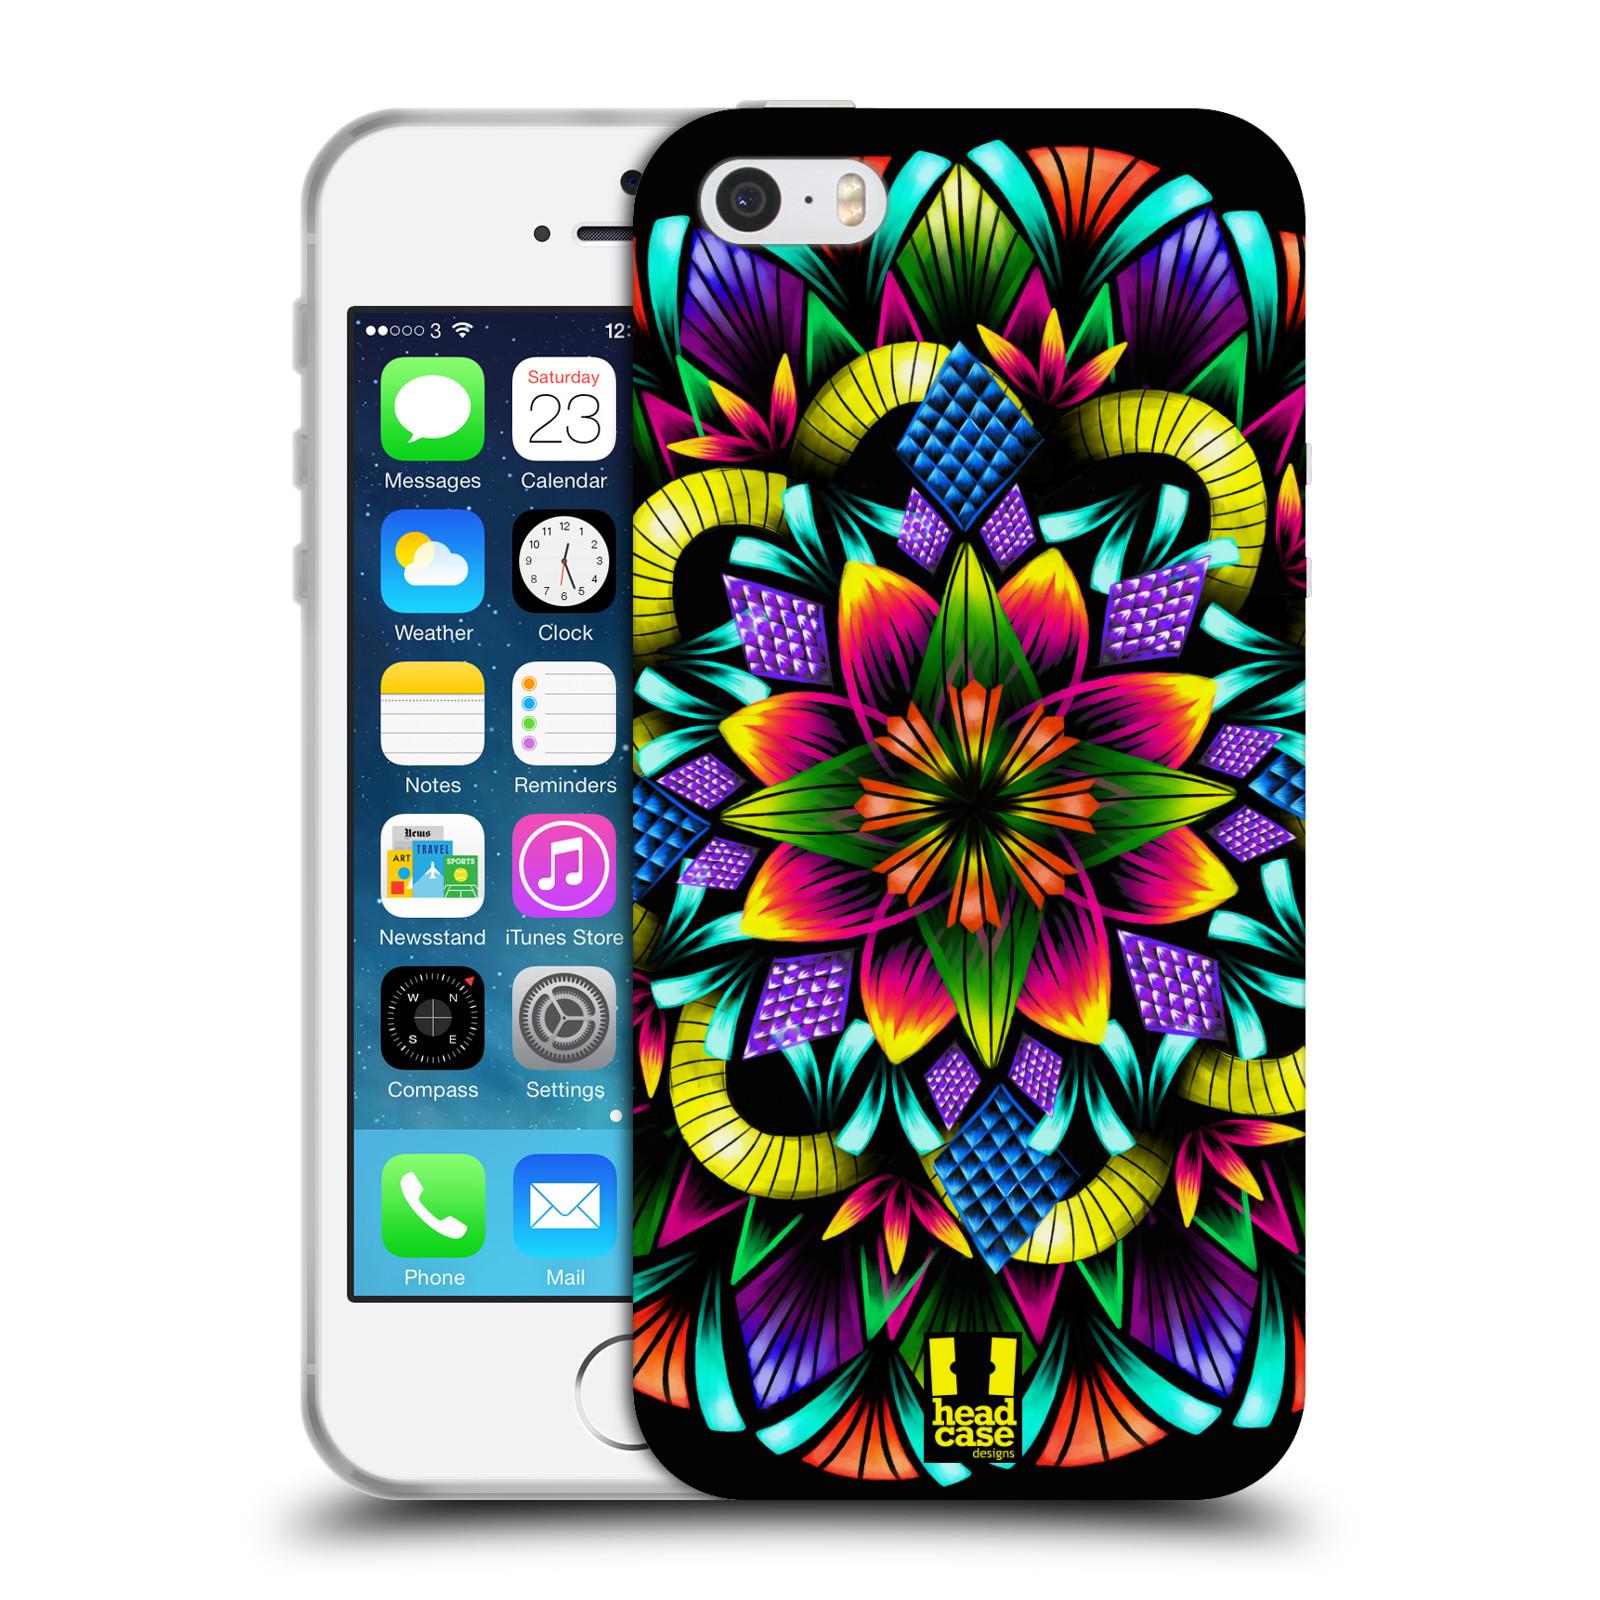 HEAD CASE silikonový obal na mobil Apple Iphone 5/5S vzor Indie Mandala kaleidoskop barevný vzor KVĚTINA